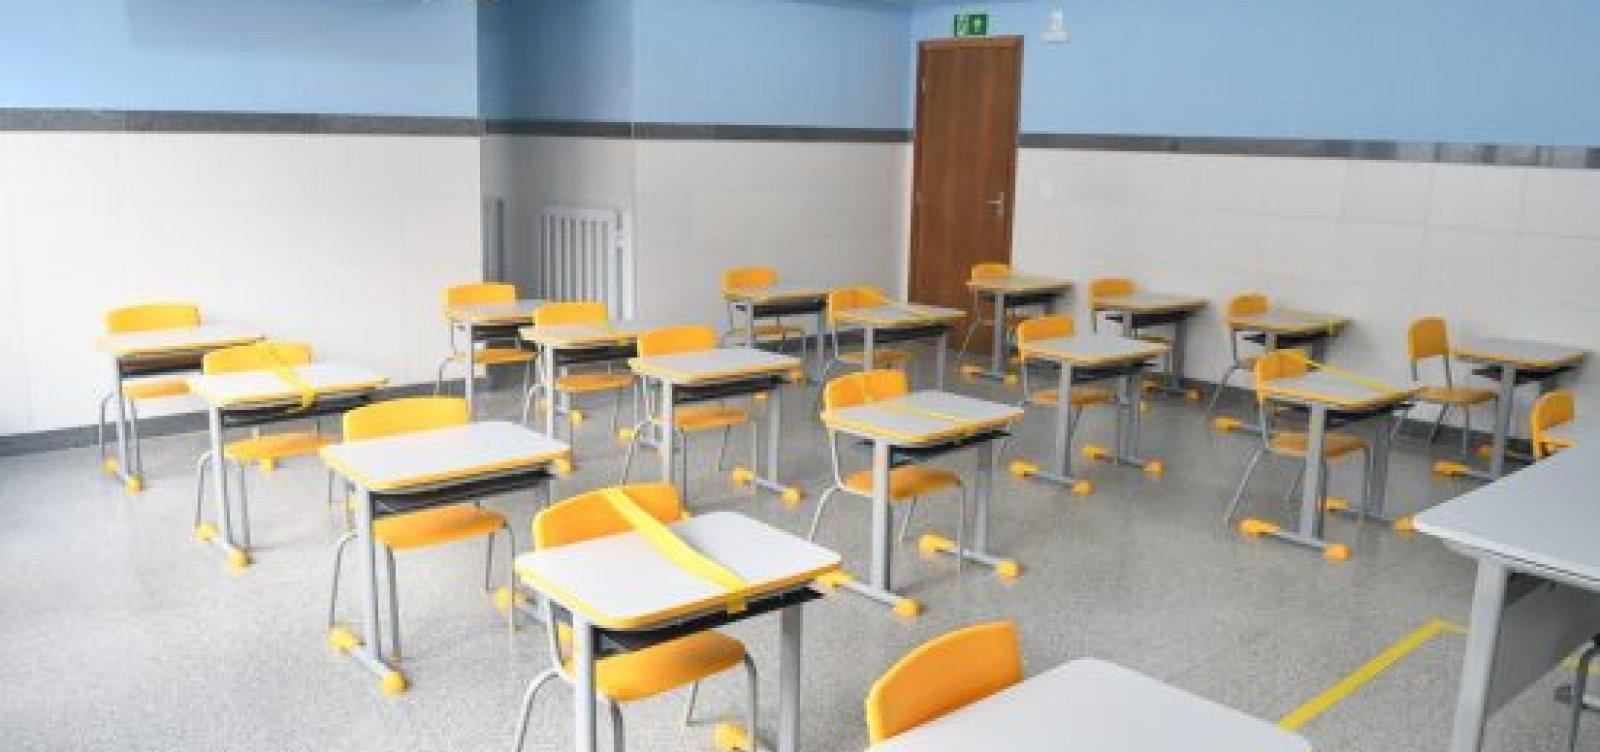 Sindicato dos professores sinaliza diálogo com prefeito sobre volta às aulas